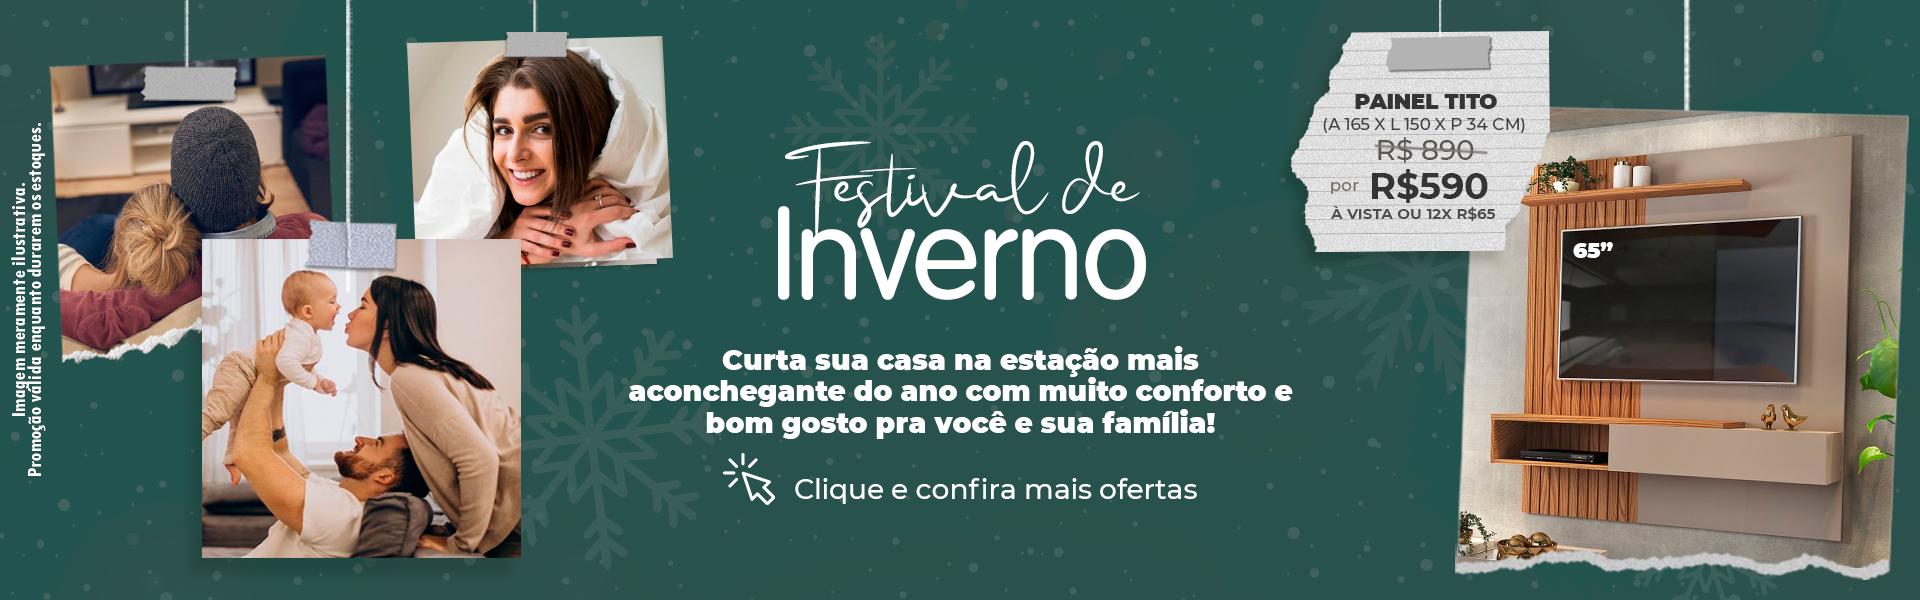 FESTIVAL DE INVERNO 02